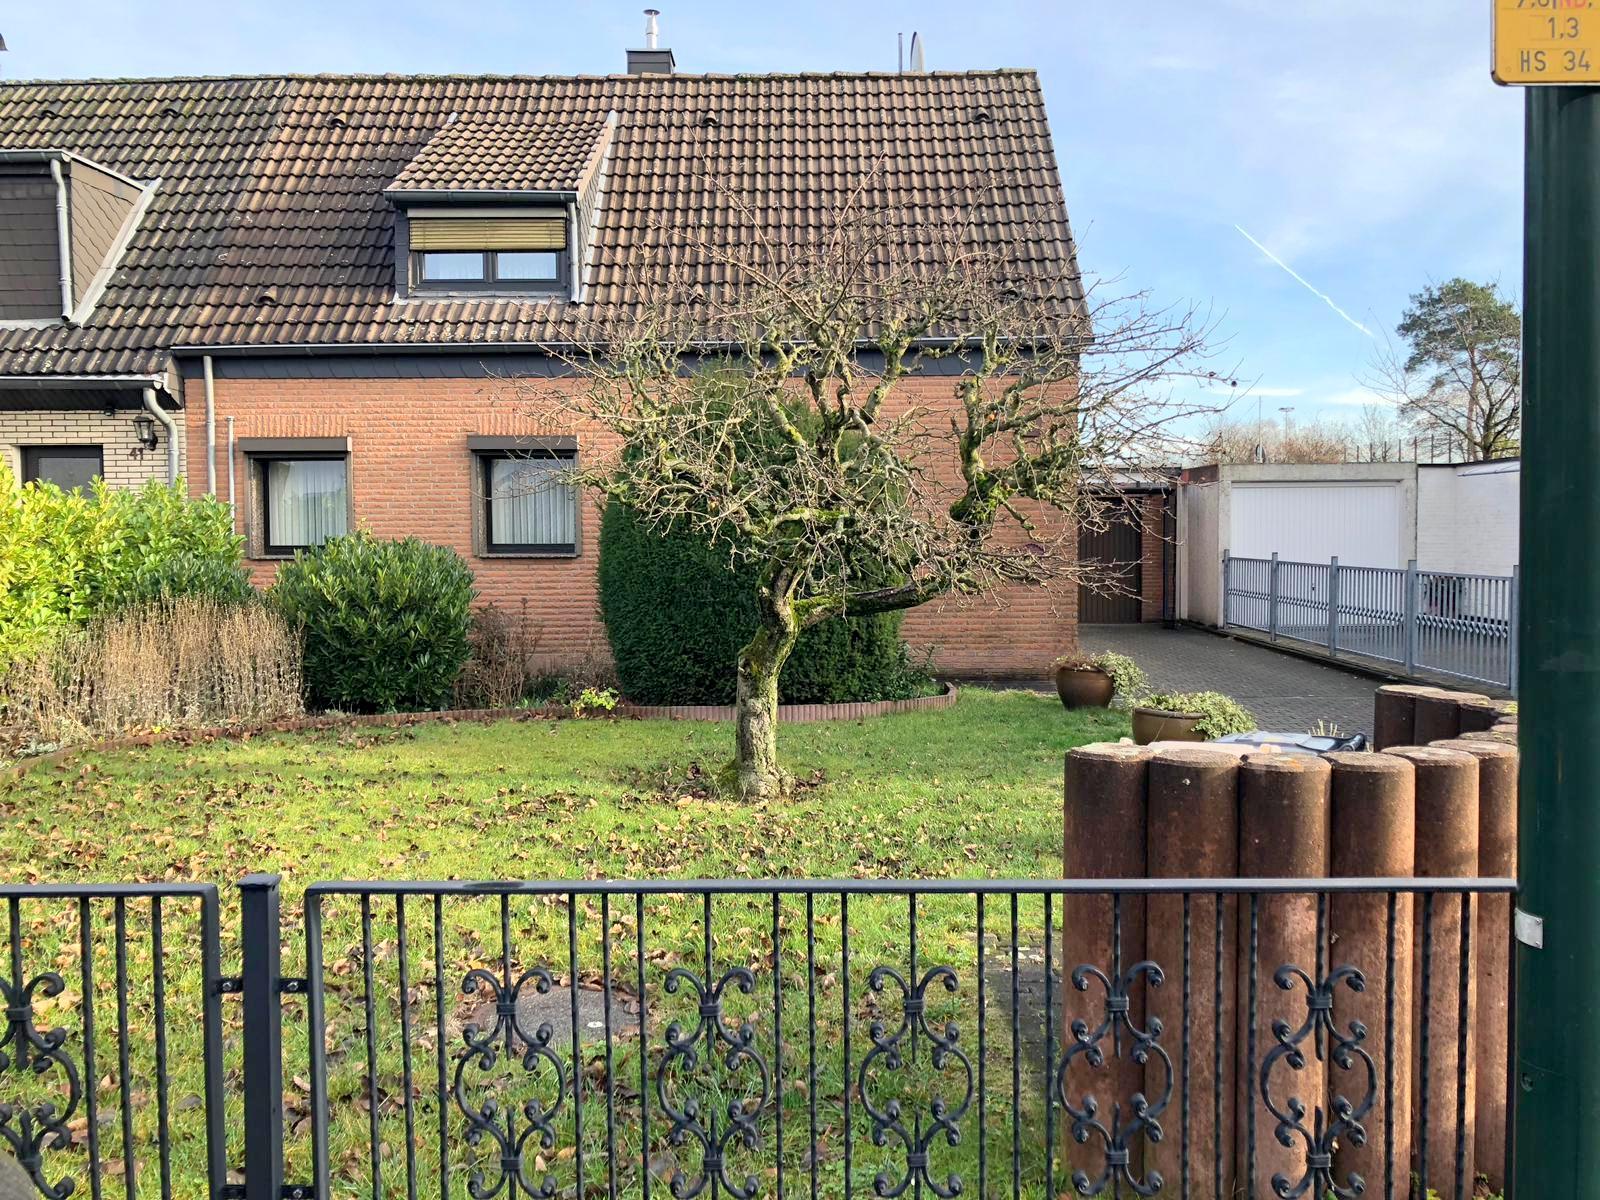 Doppelhaushälfte mit großem Grundstück + Garage in der begehrten Vogelsiedlung in Unterrath/Stockum